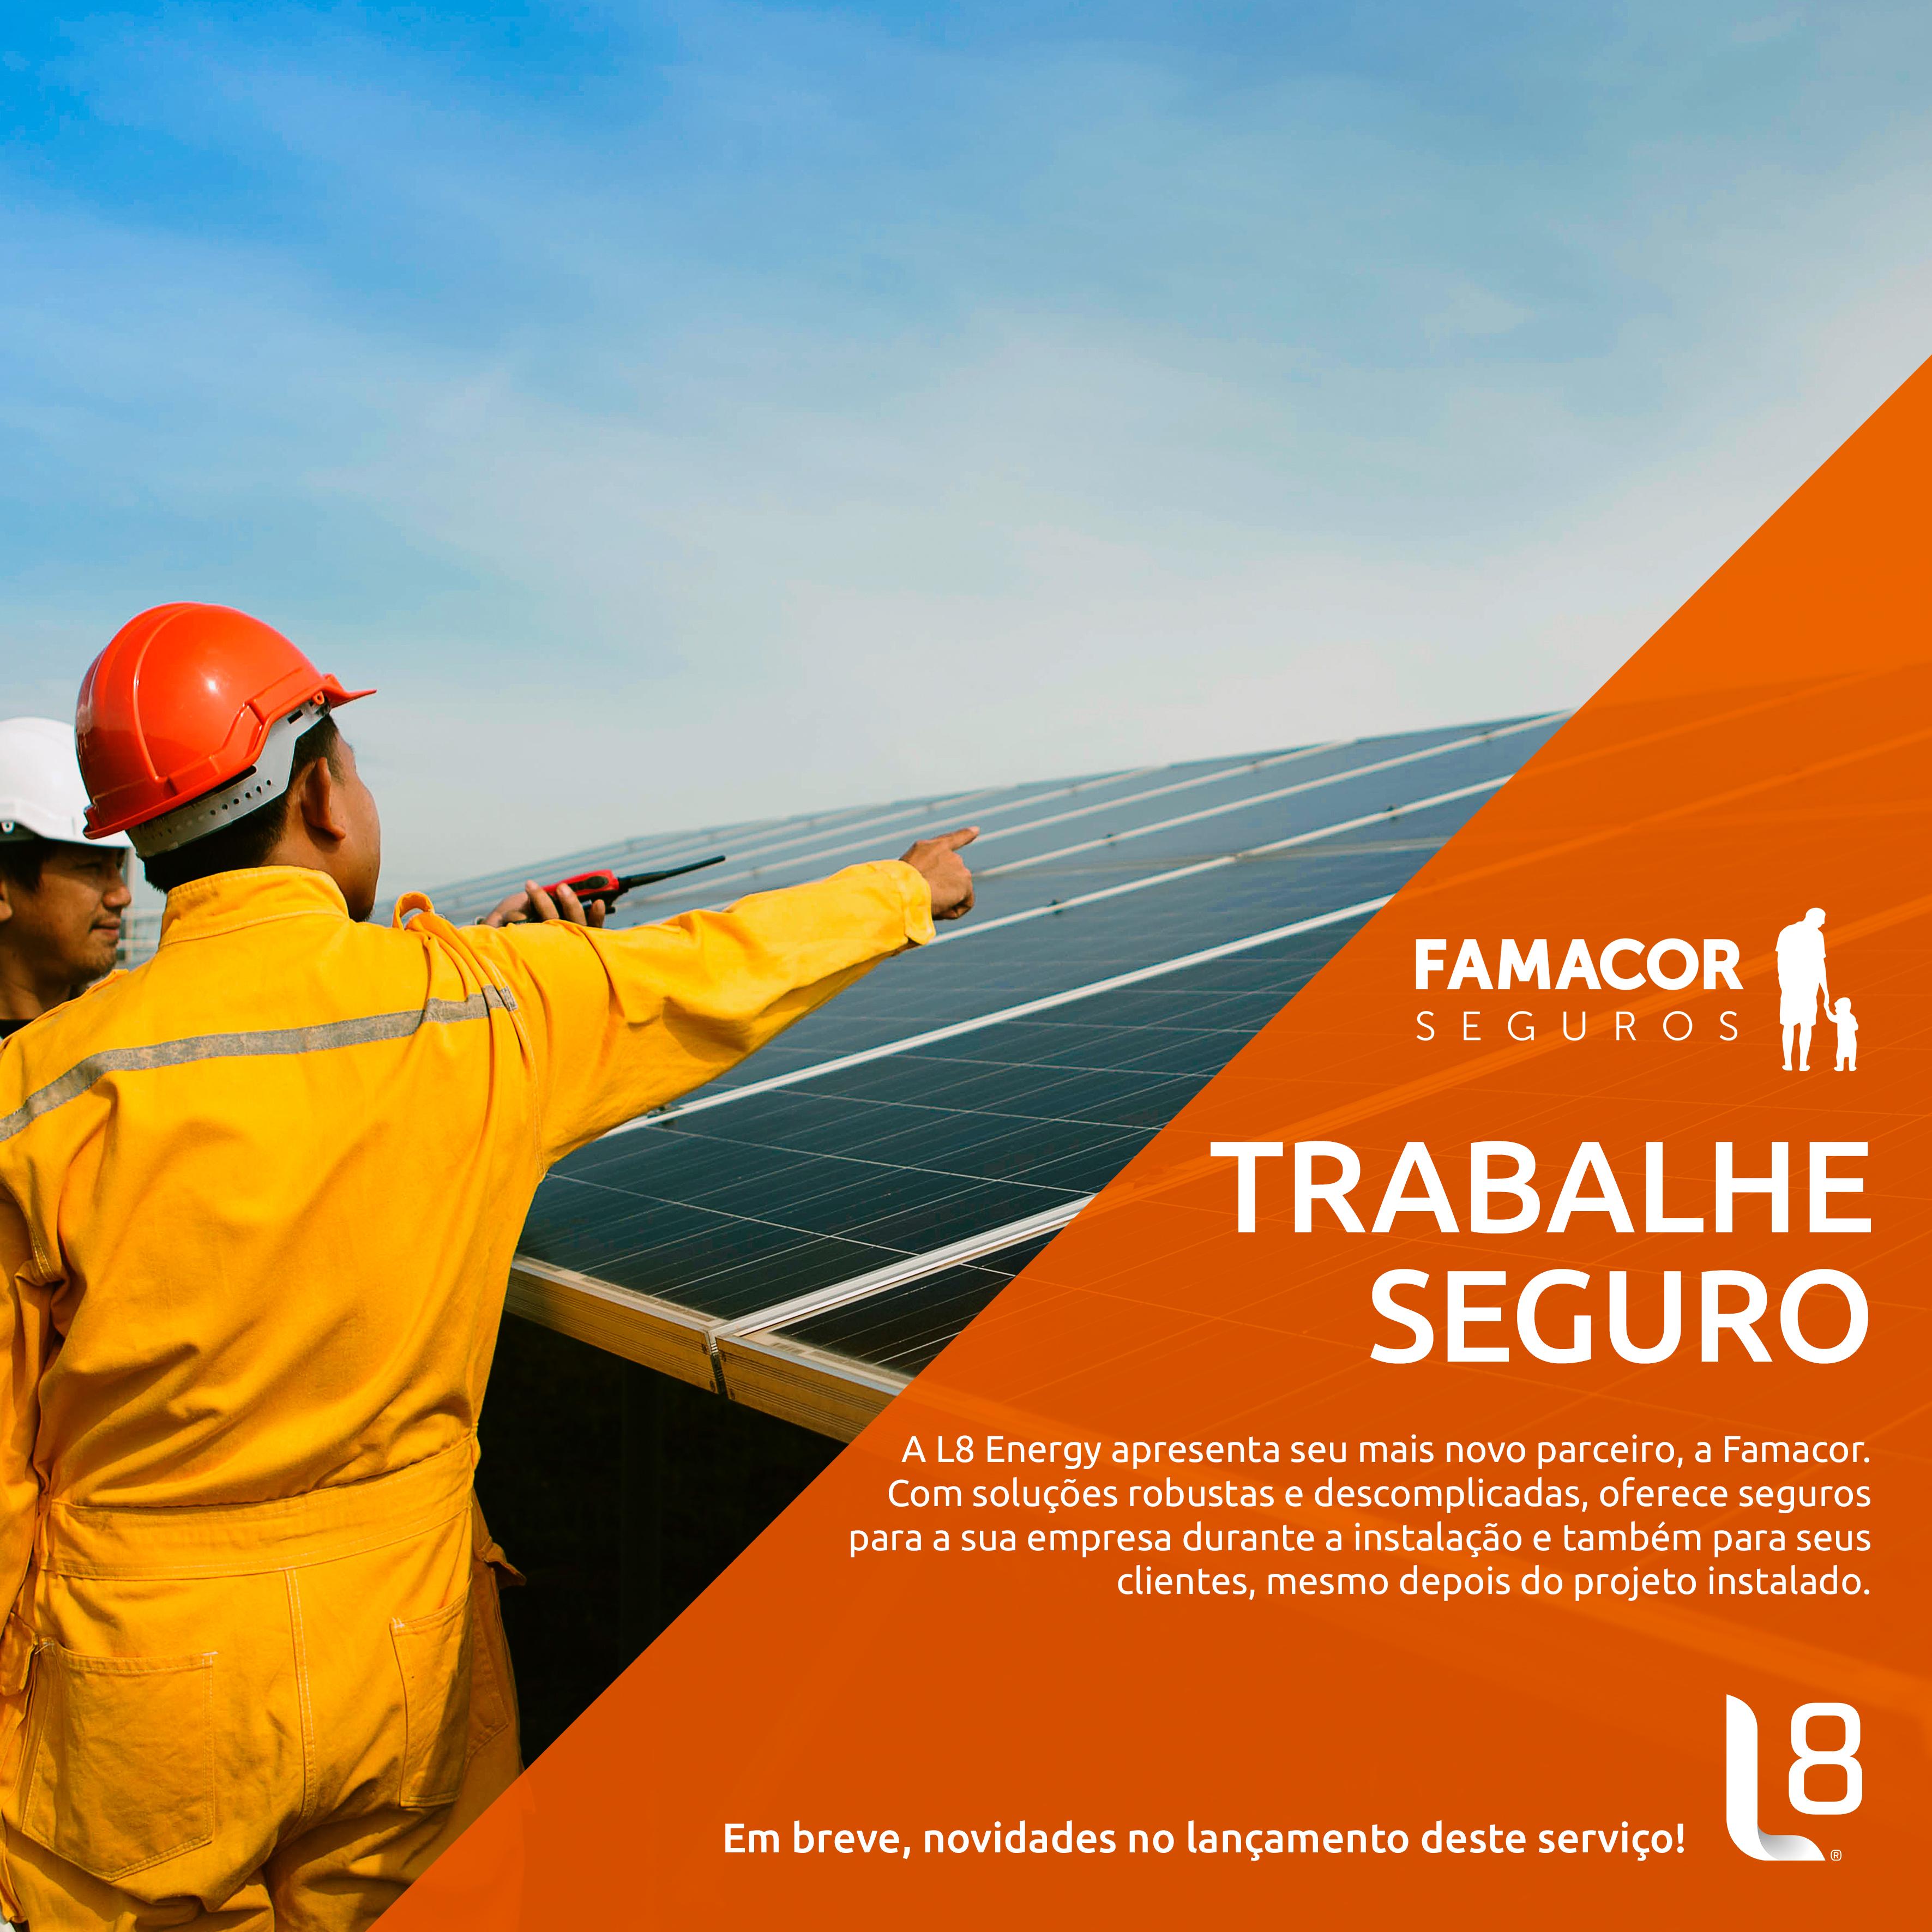 L8 Energy firma parceria com a Famacor